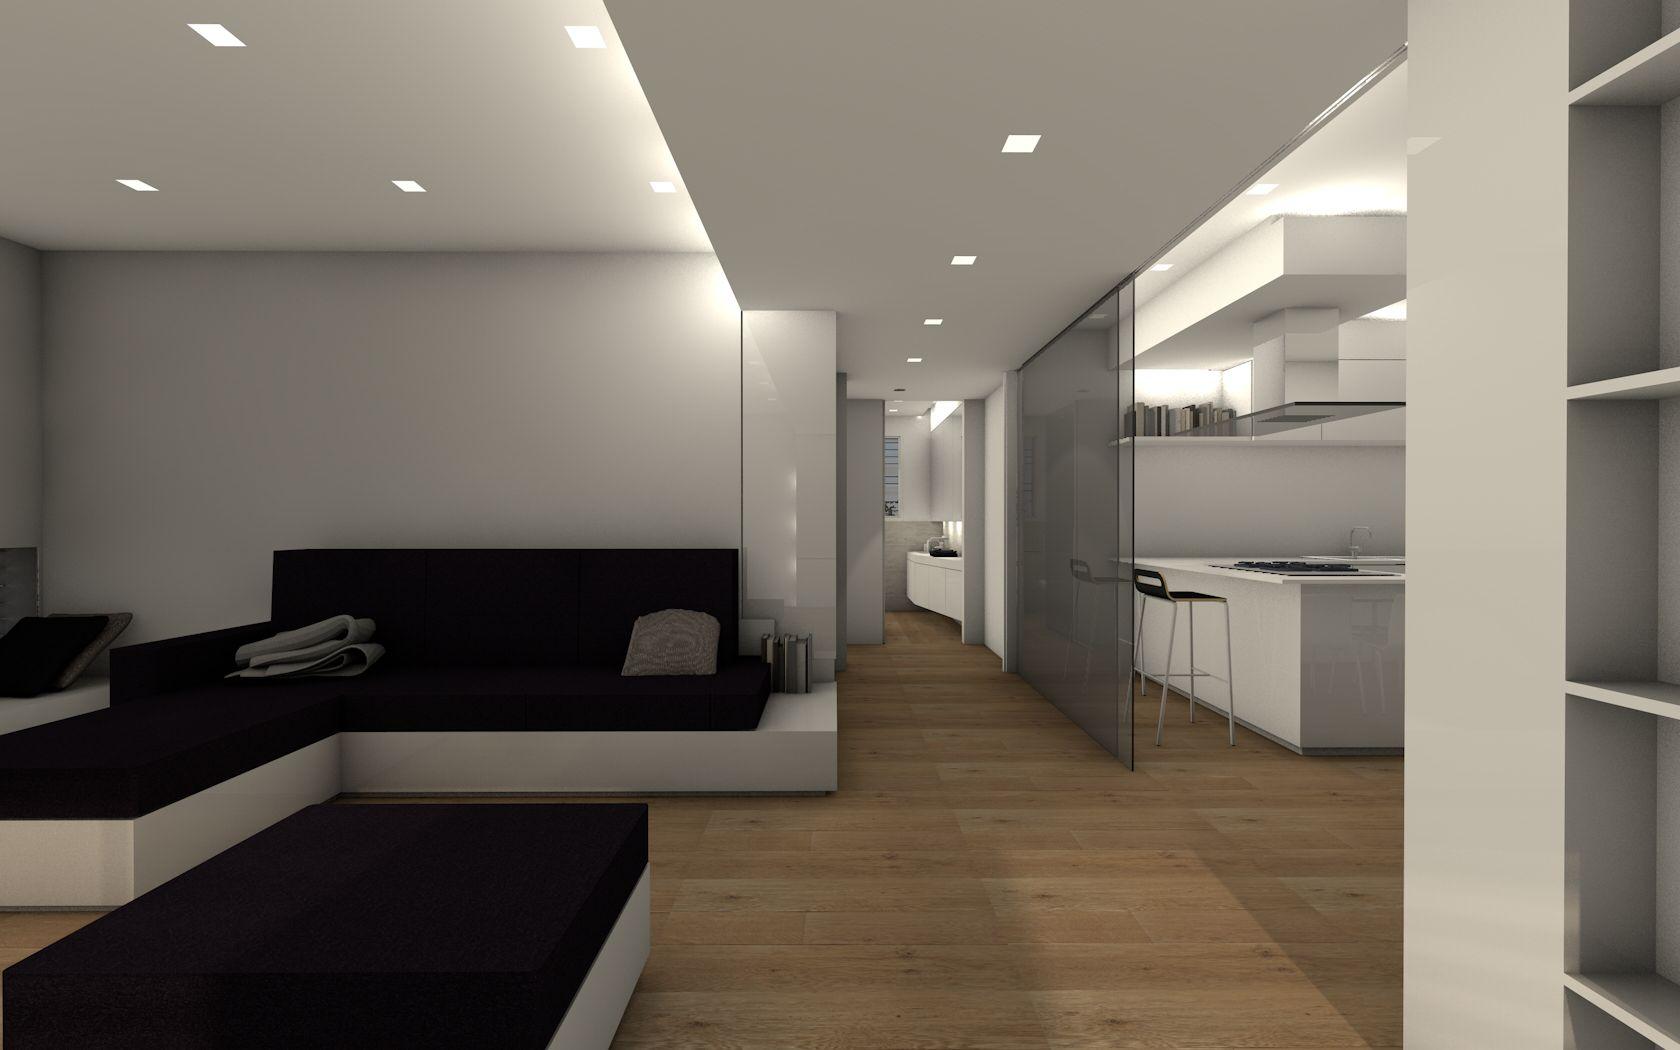 casa brs - soggiorno cucina